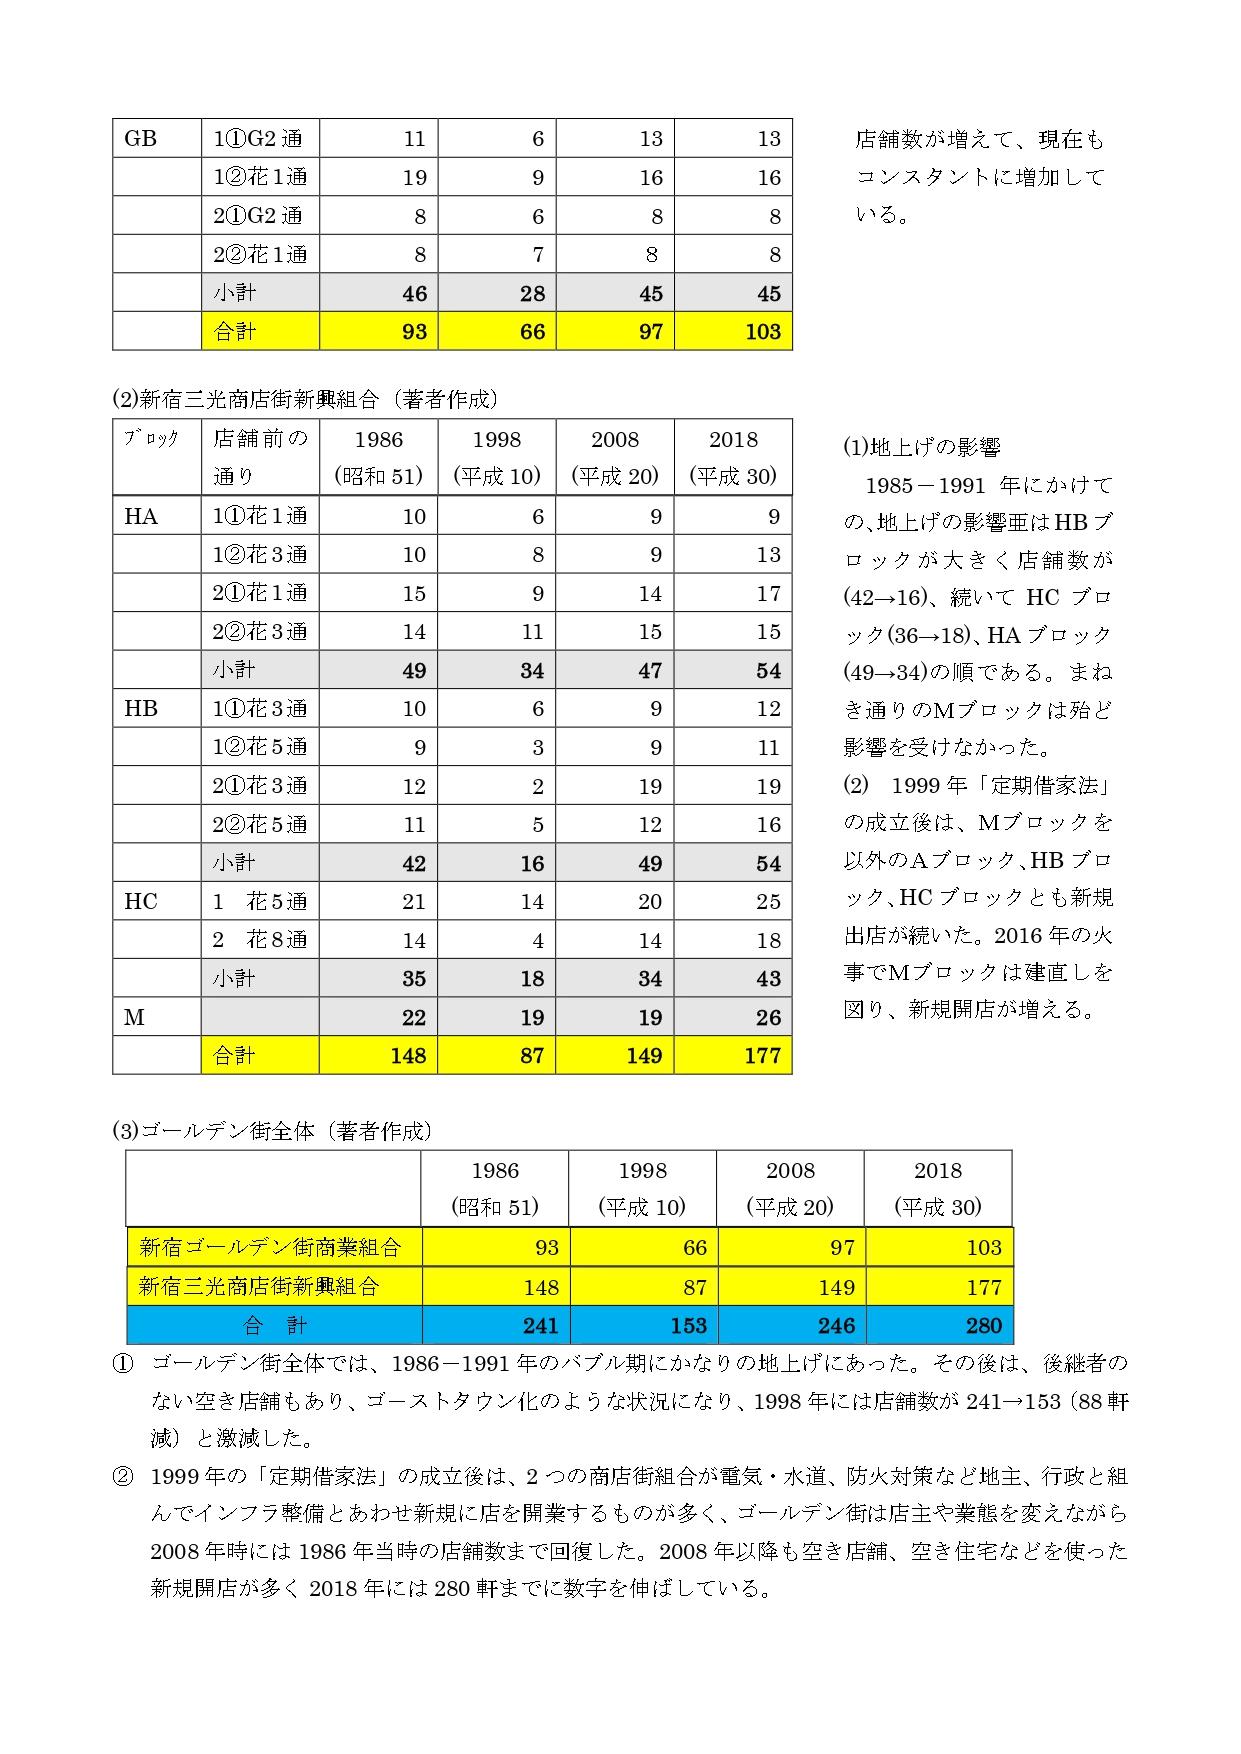 %e5%a5%a5%e5%b1%b1%e8%b3%87%e6%96%993%e3%80%80%e3%82%b4%e3%83%bc%e3%83%ab%e3%83%87%e3%83%b3%e8%a1%97%e3%81%ae%e5%ba%97%e3%81%ae%e5%a4%89%e9%81%b7_pages-to-jpg-0002